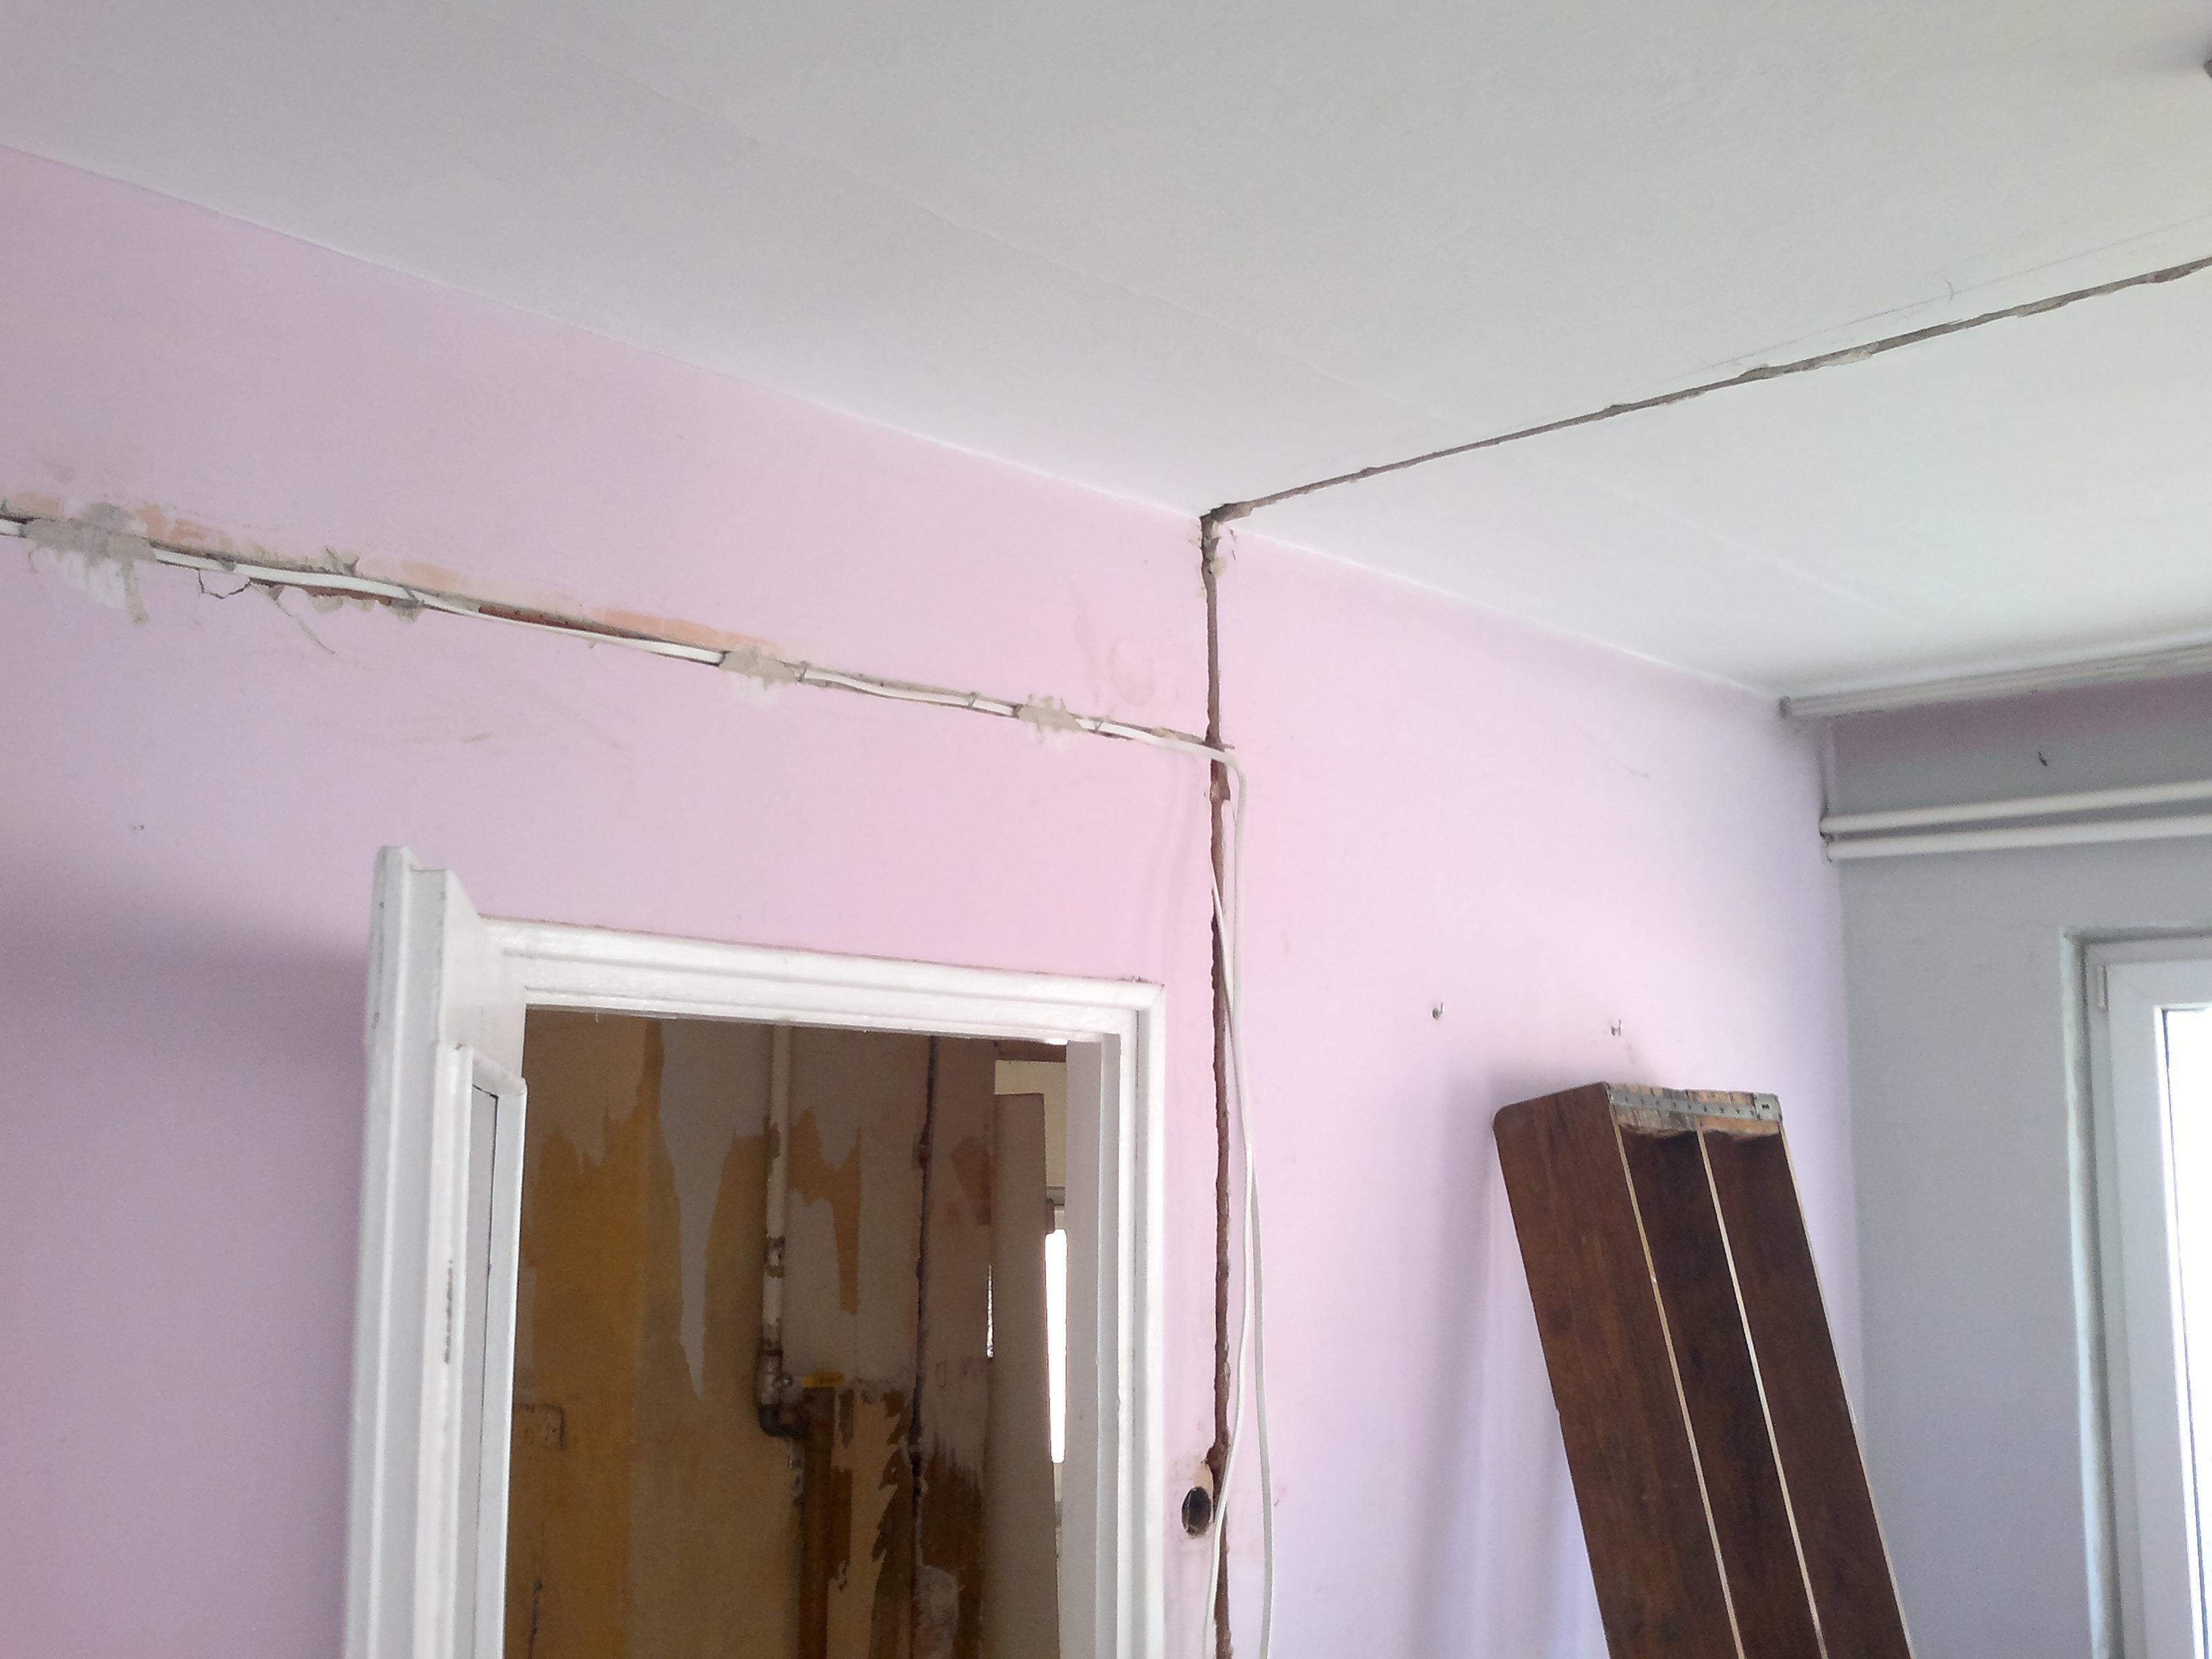 Instalacja Elektryczna W Mieszkaniu W Bloku